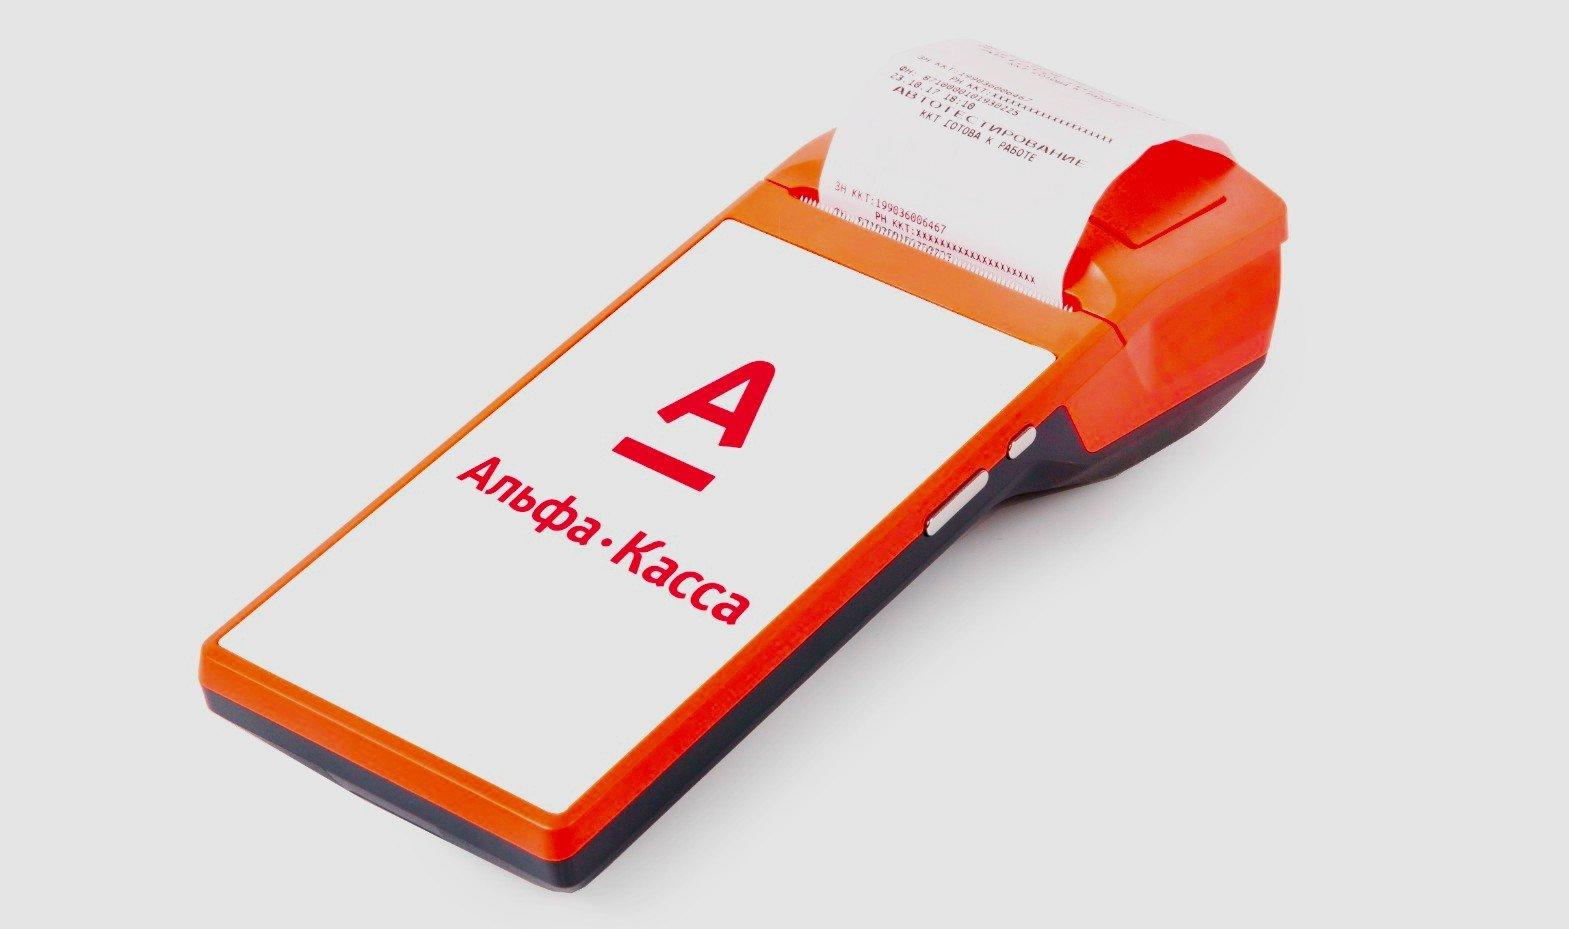 Мобильная Альфа-Касса от Альфа-Банка